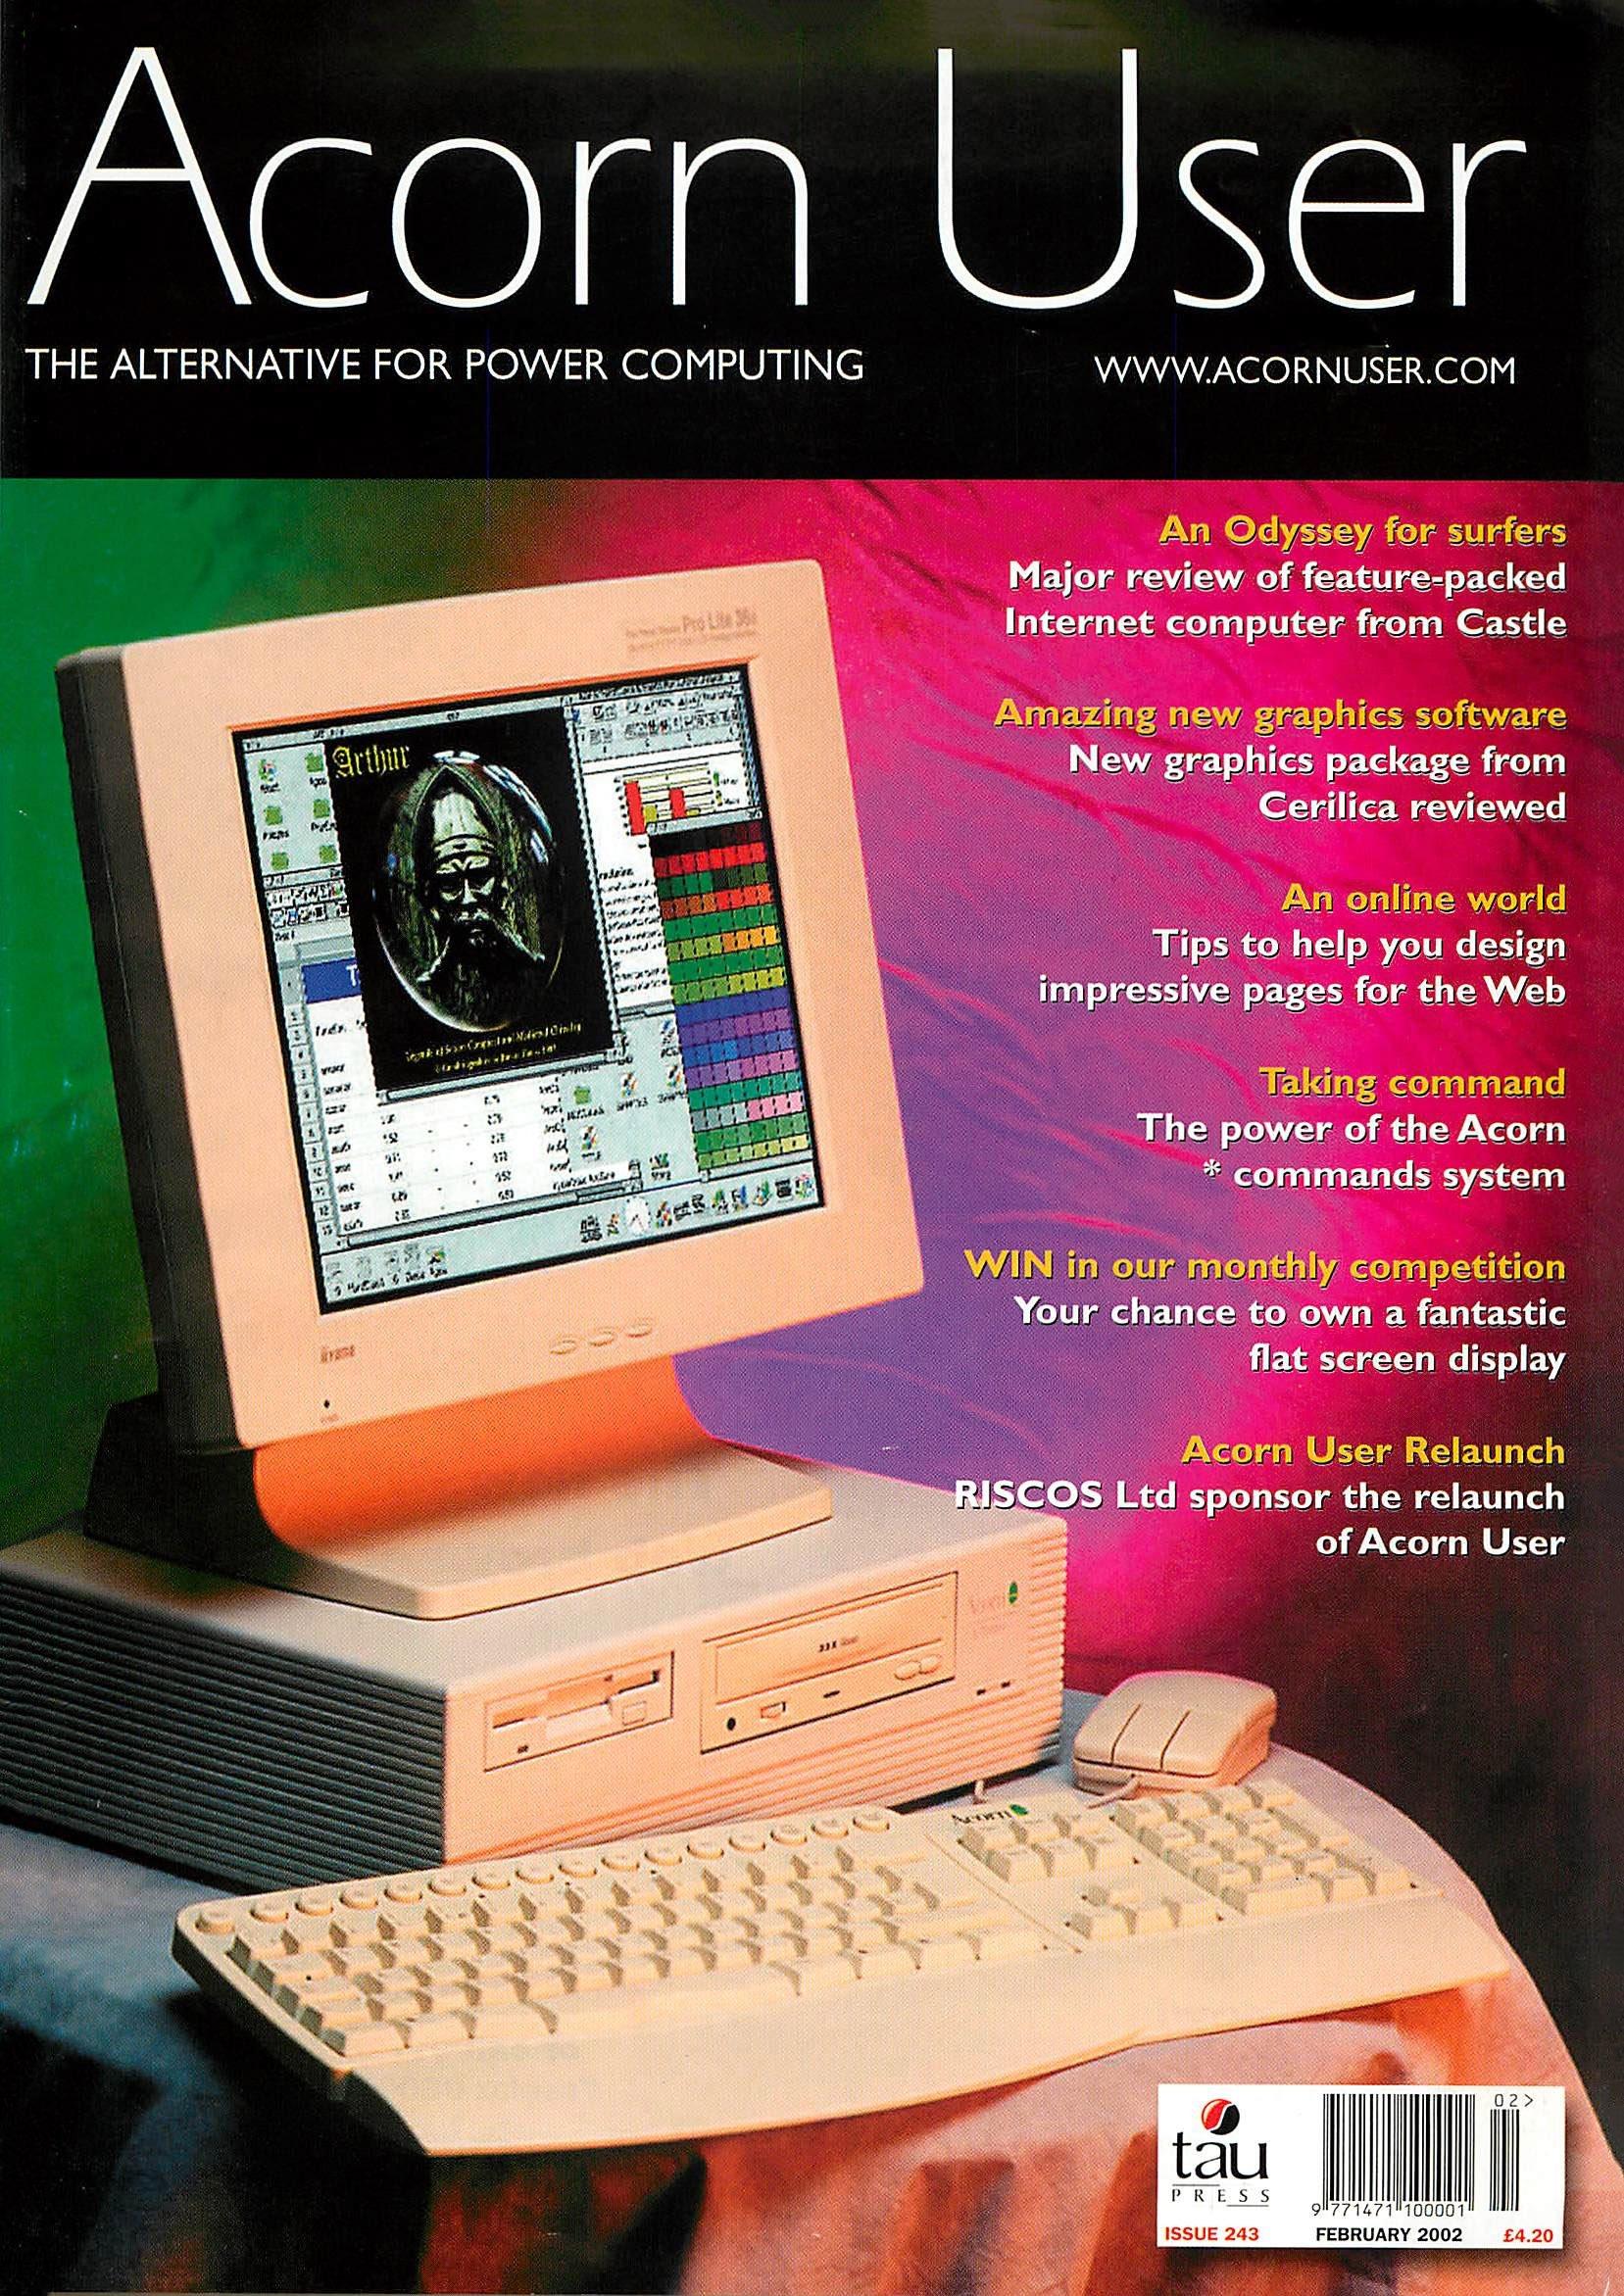 Acorn User 243 (February 2001)